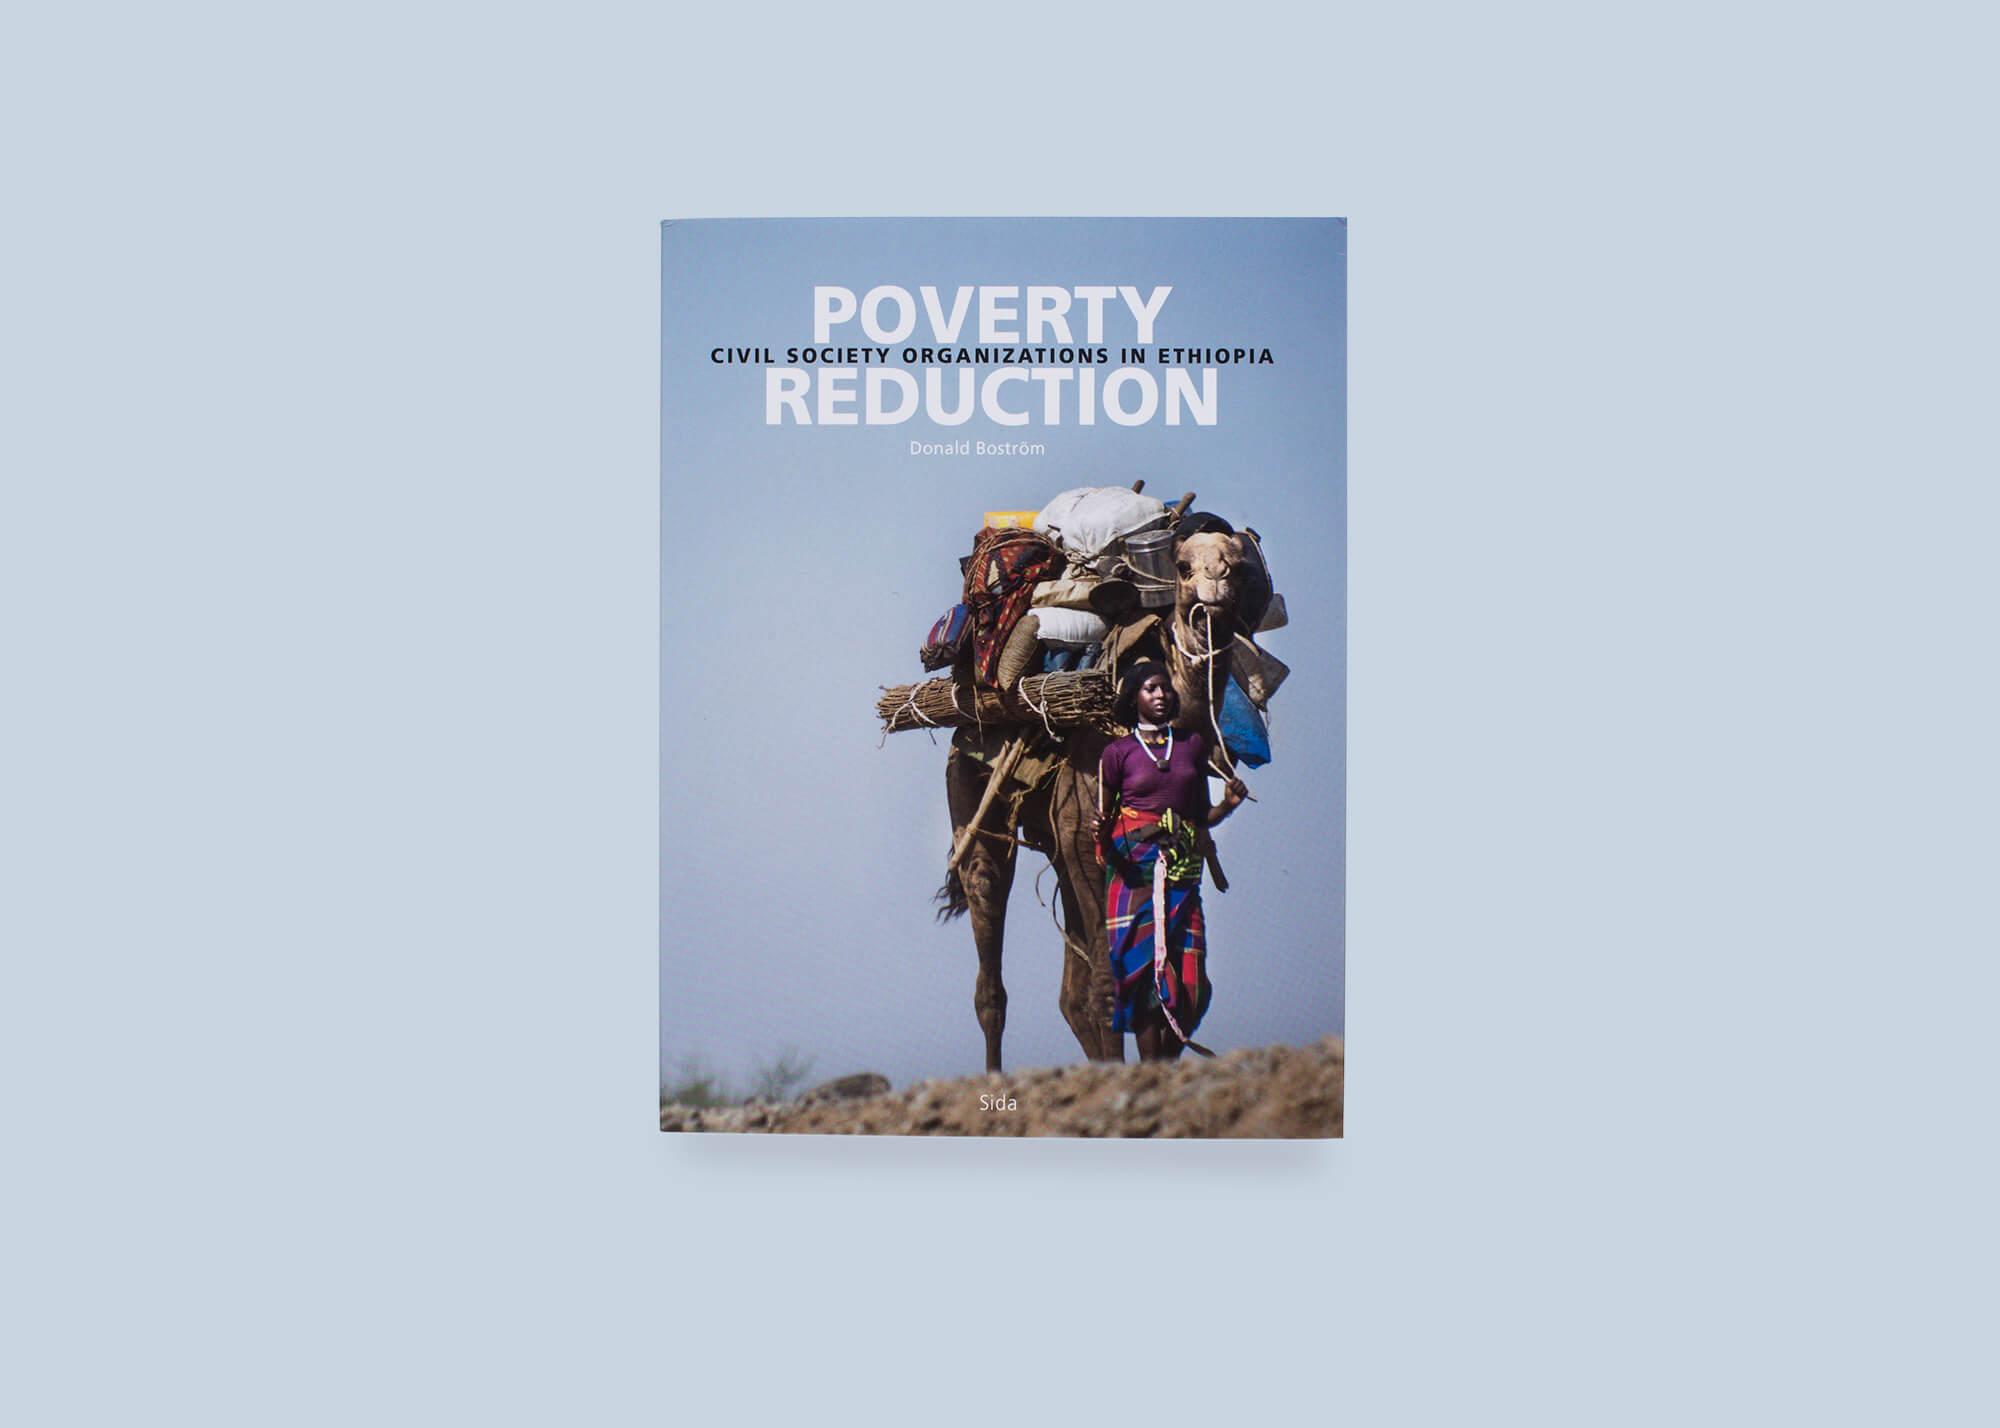 poverty_0.jpg